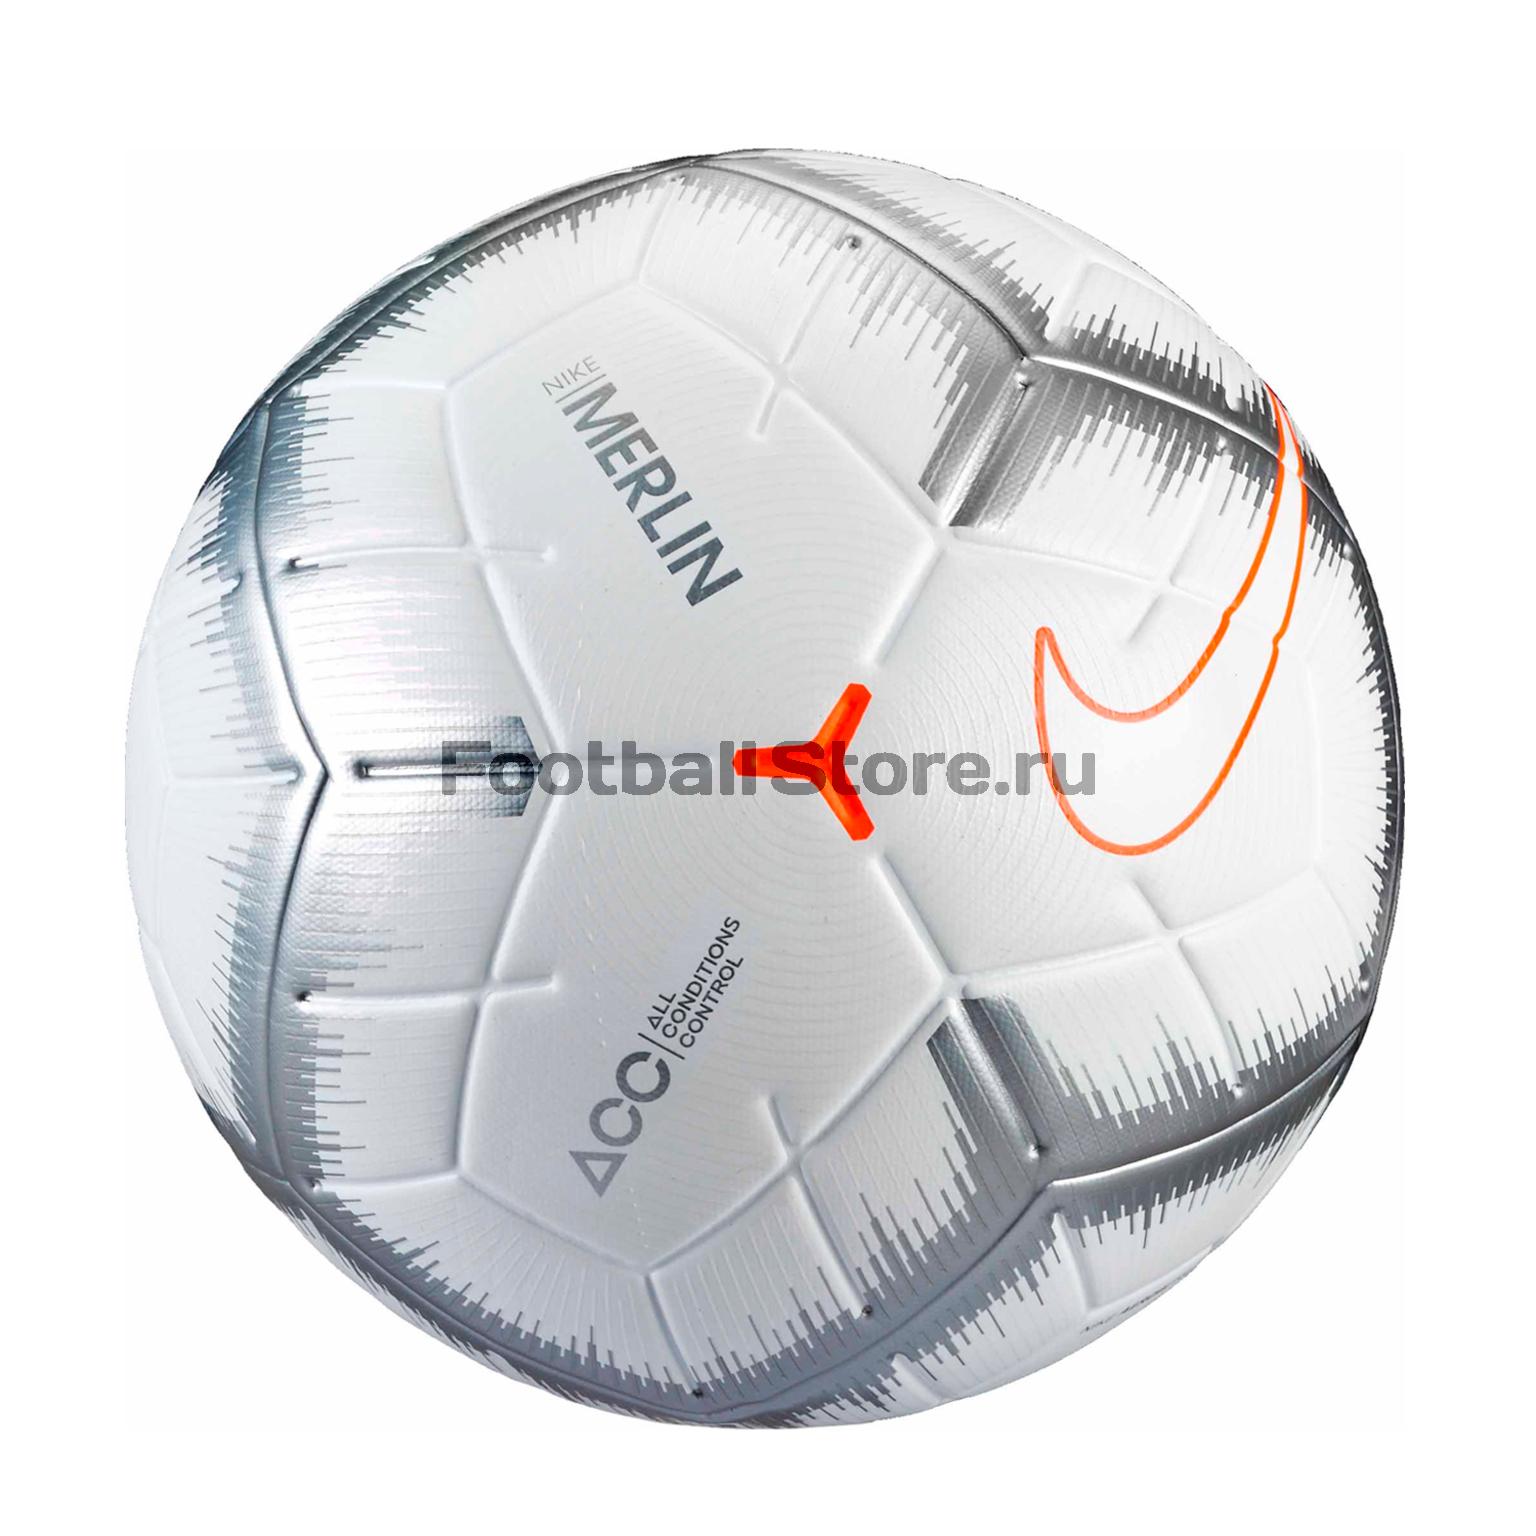 Футбольный мяч Nike Merlin QS SC3493-100 nike мяч футбольный nike team training sc1911 117